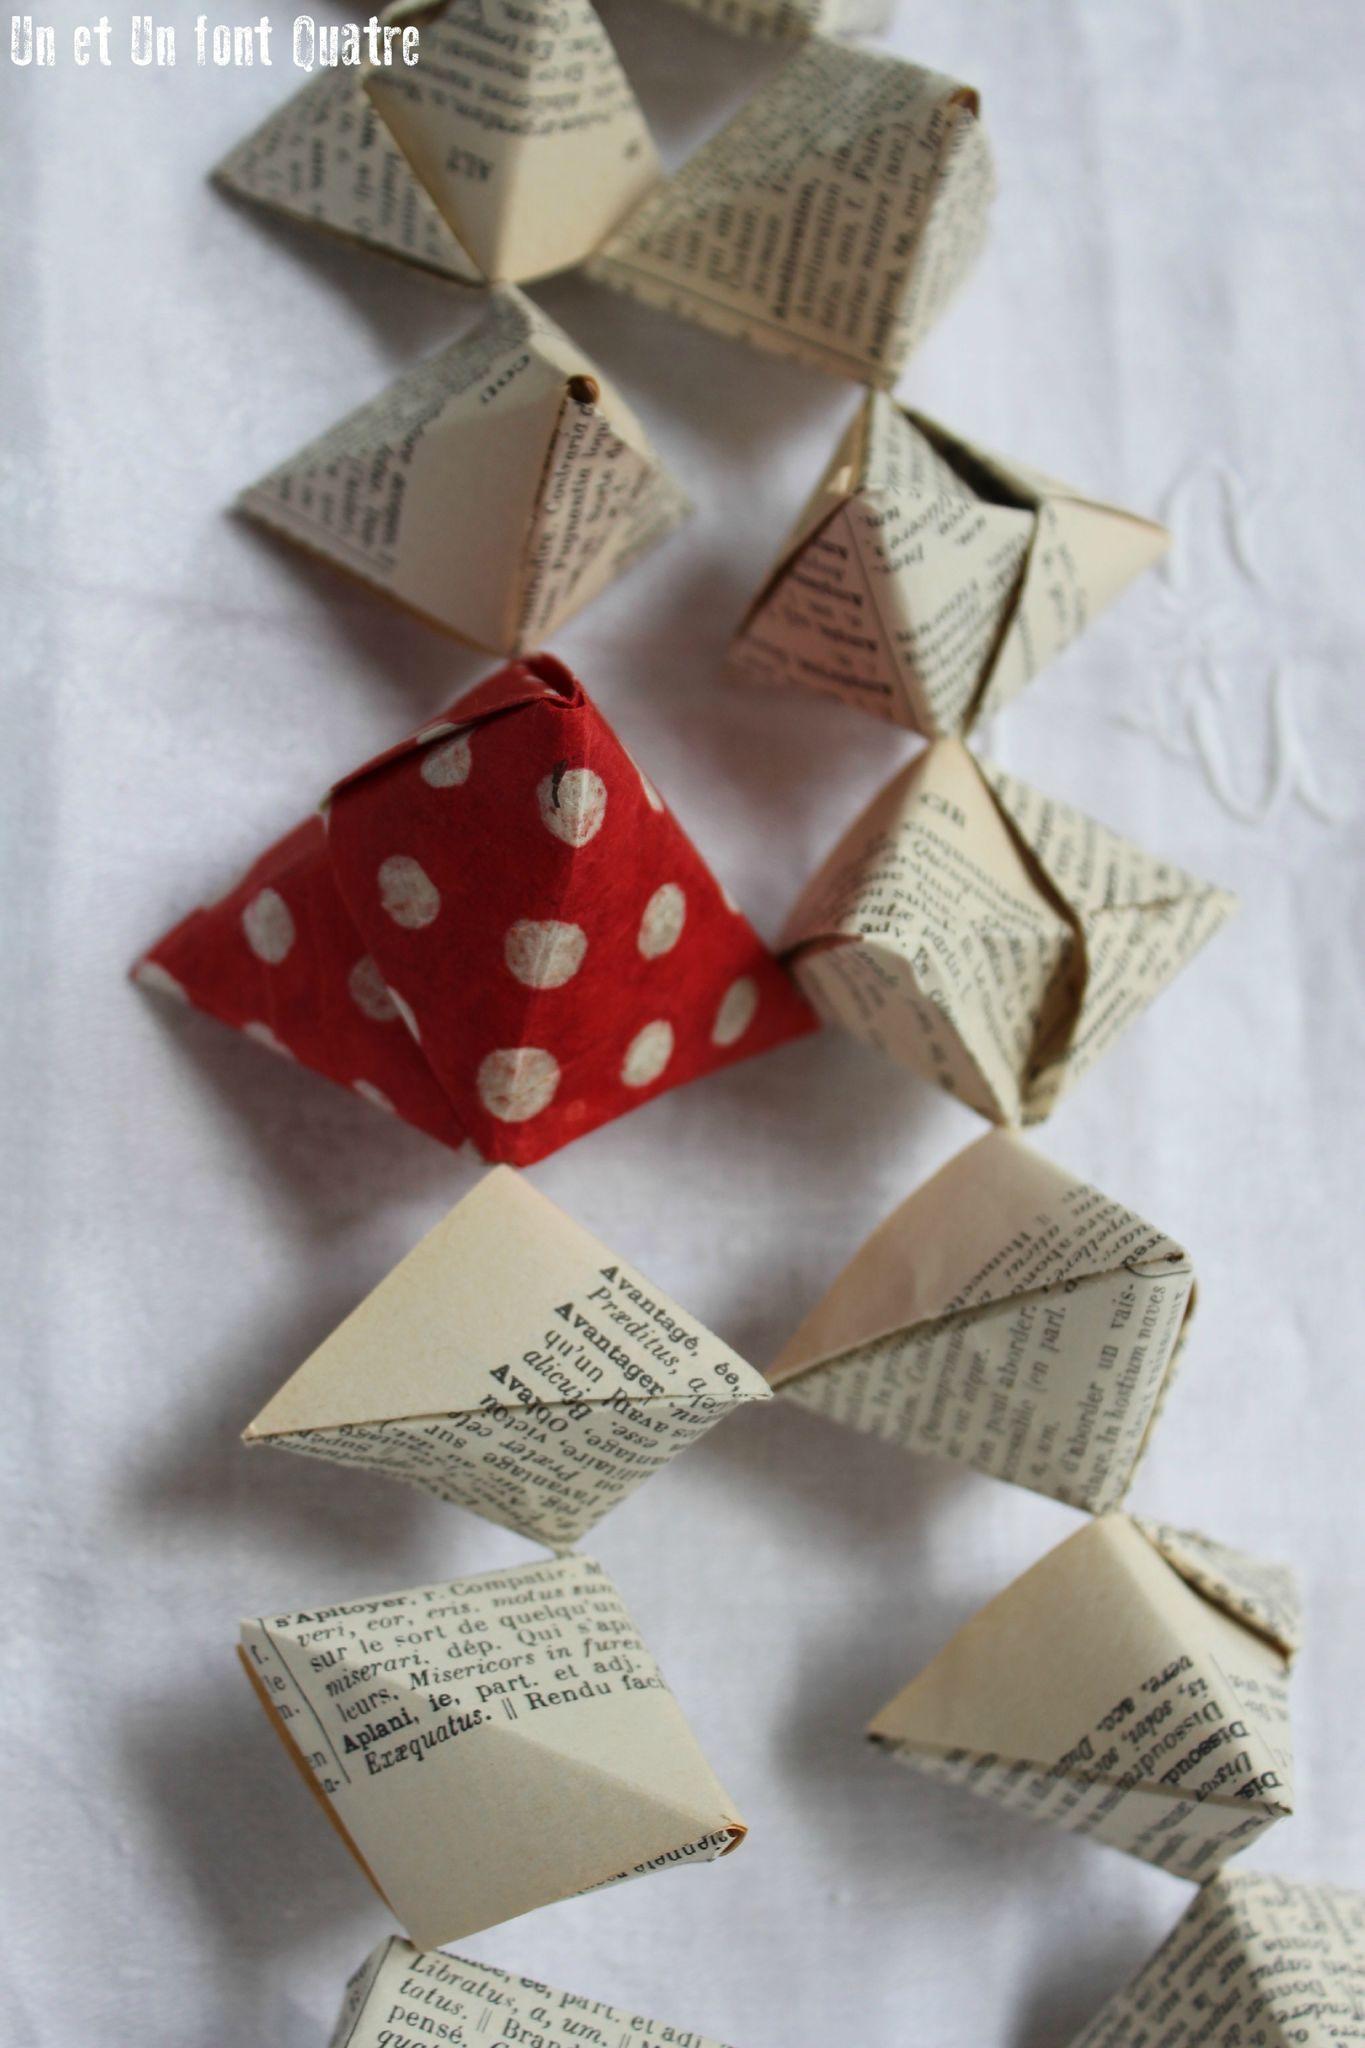 j 39 origami tu origami il origami un et un font quatre. Black Bedroom Furniture Sets. Home Design Ideas